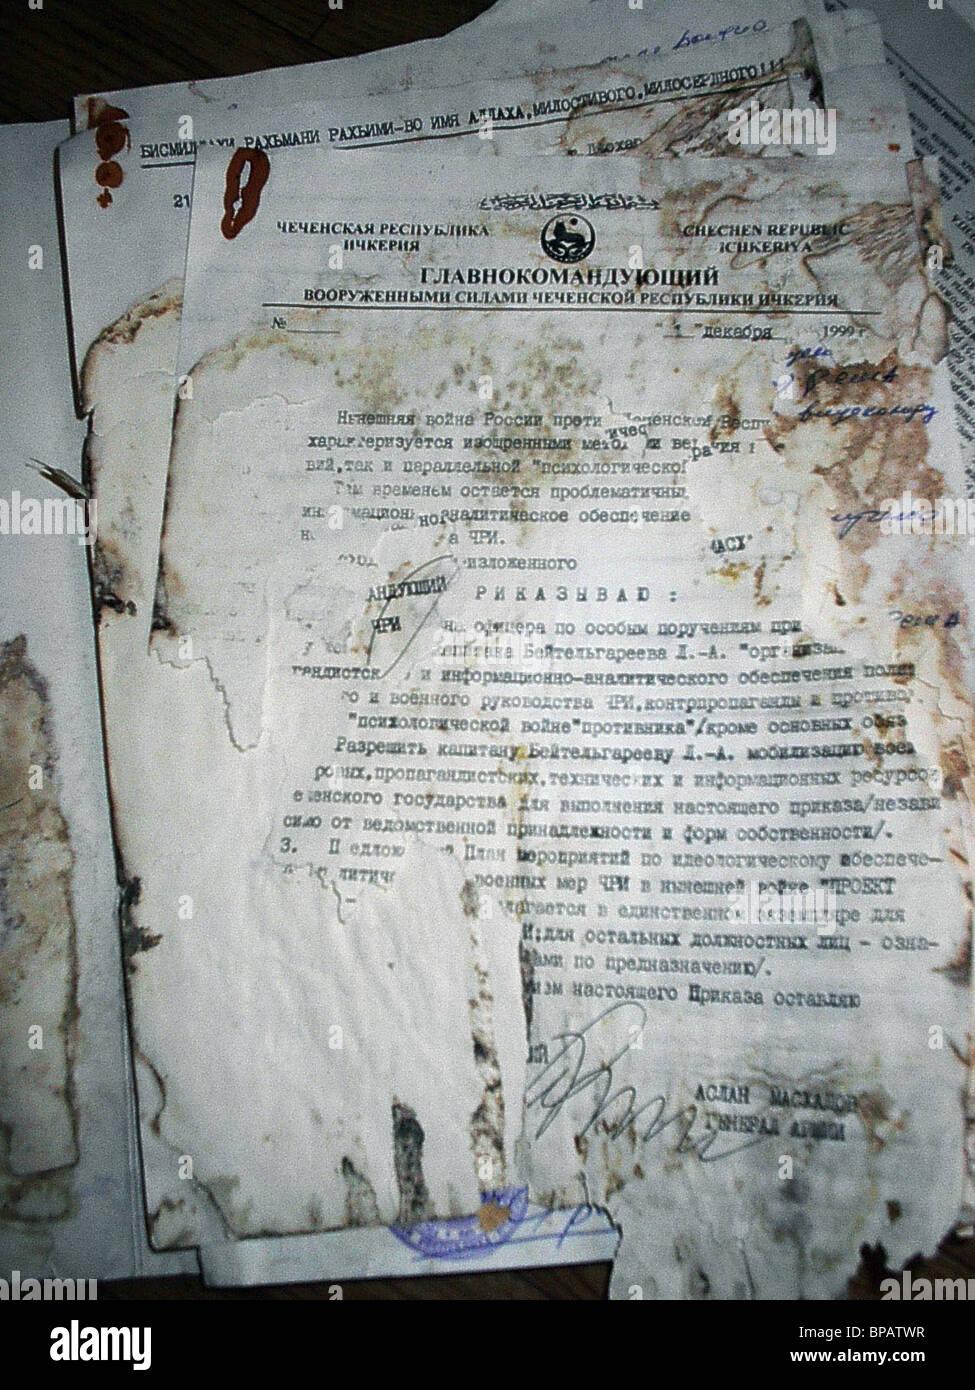 Das Archiv von Aslan Maskhadov gefunden Stockbild